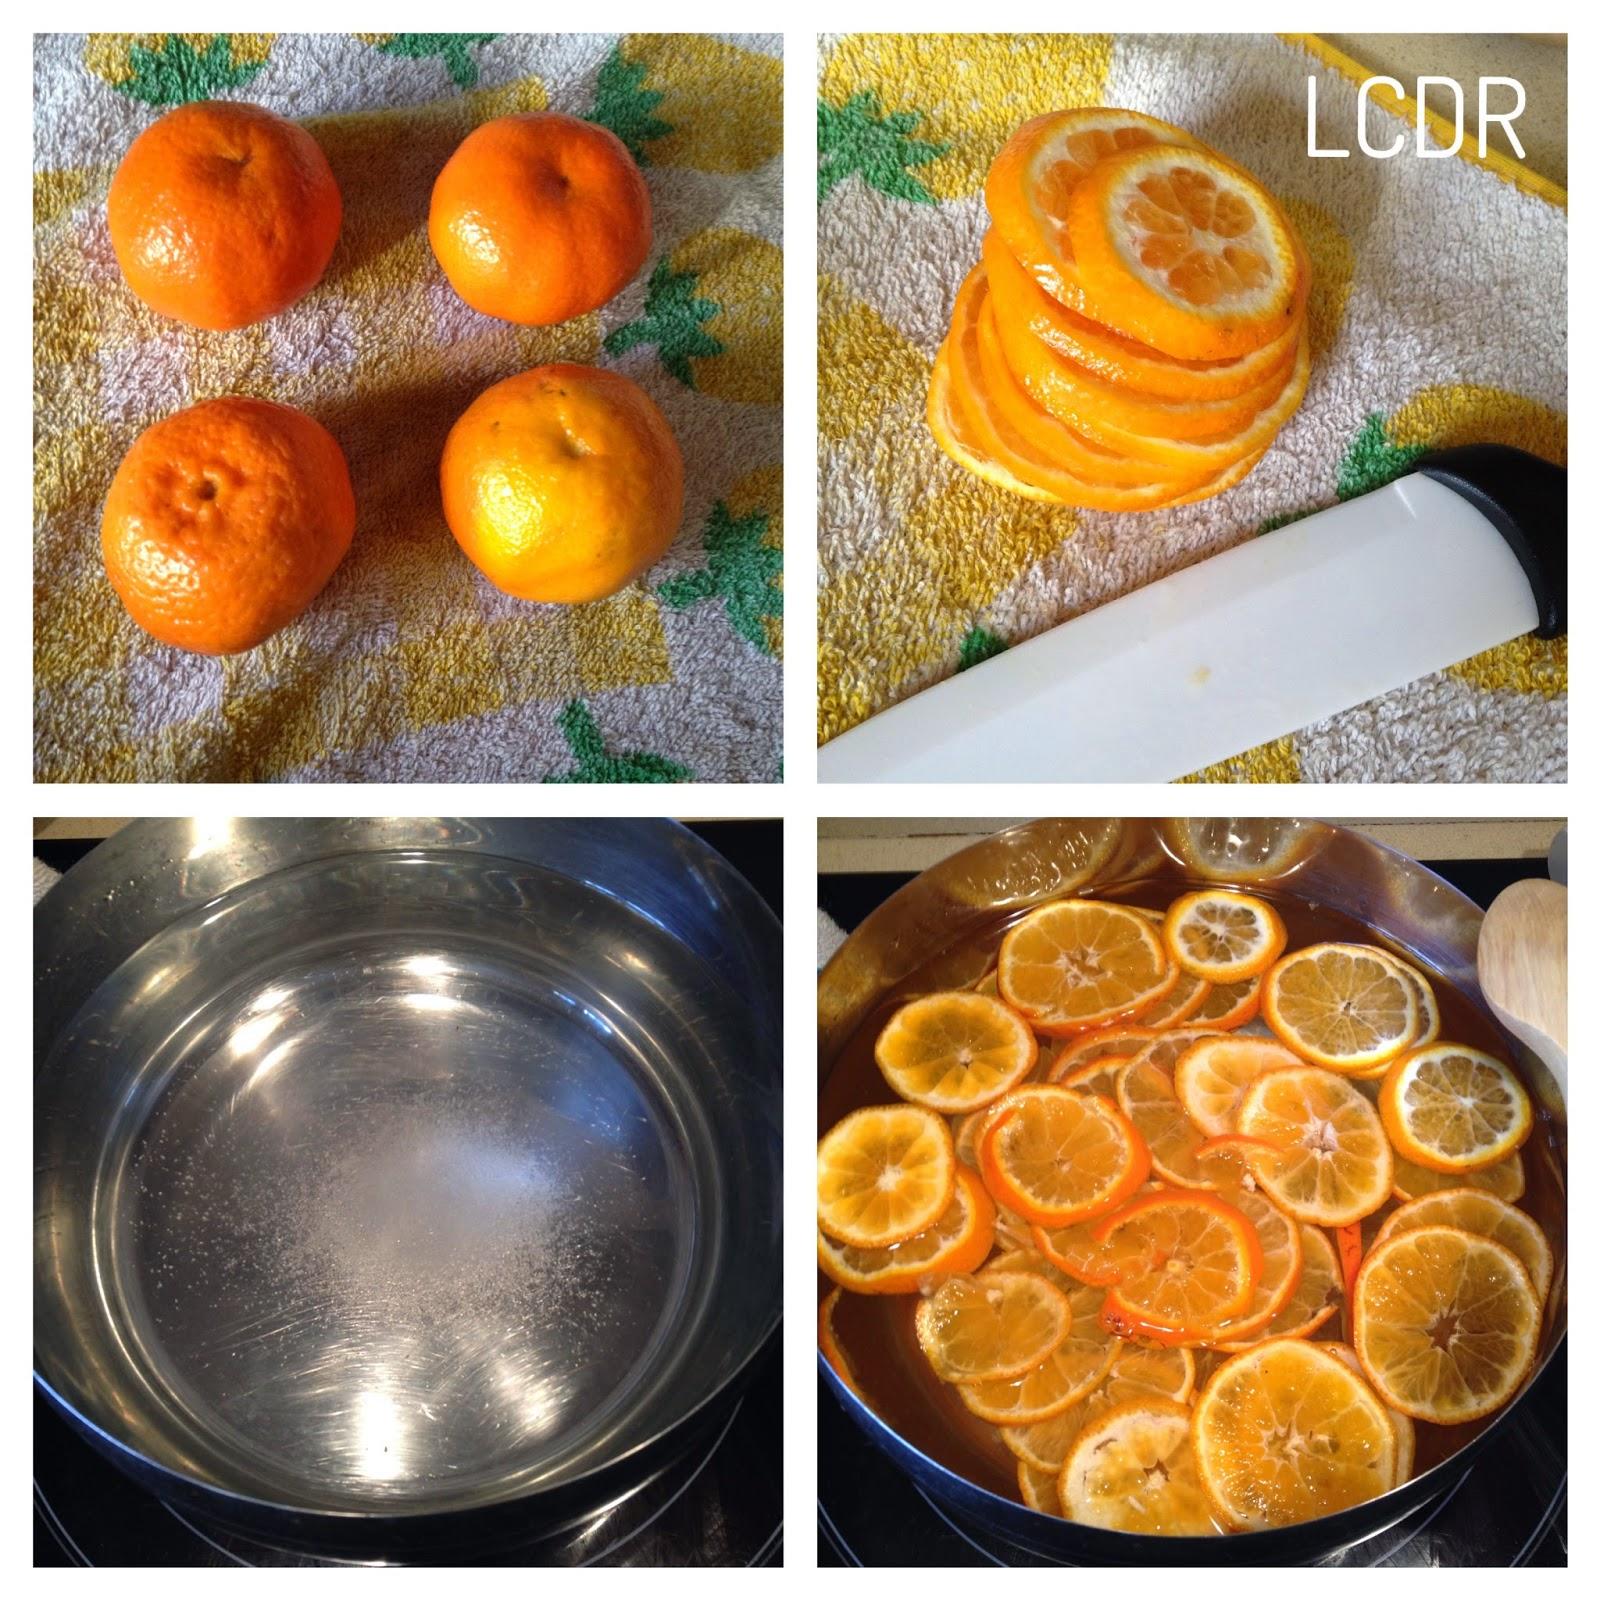 Receta de mandarina confitada 01